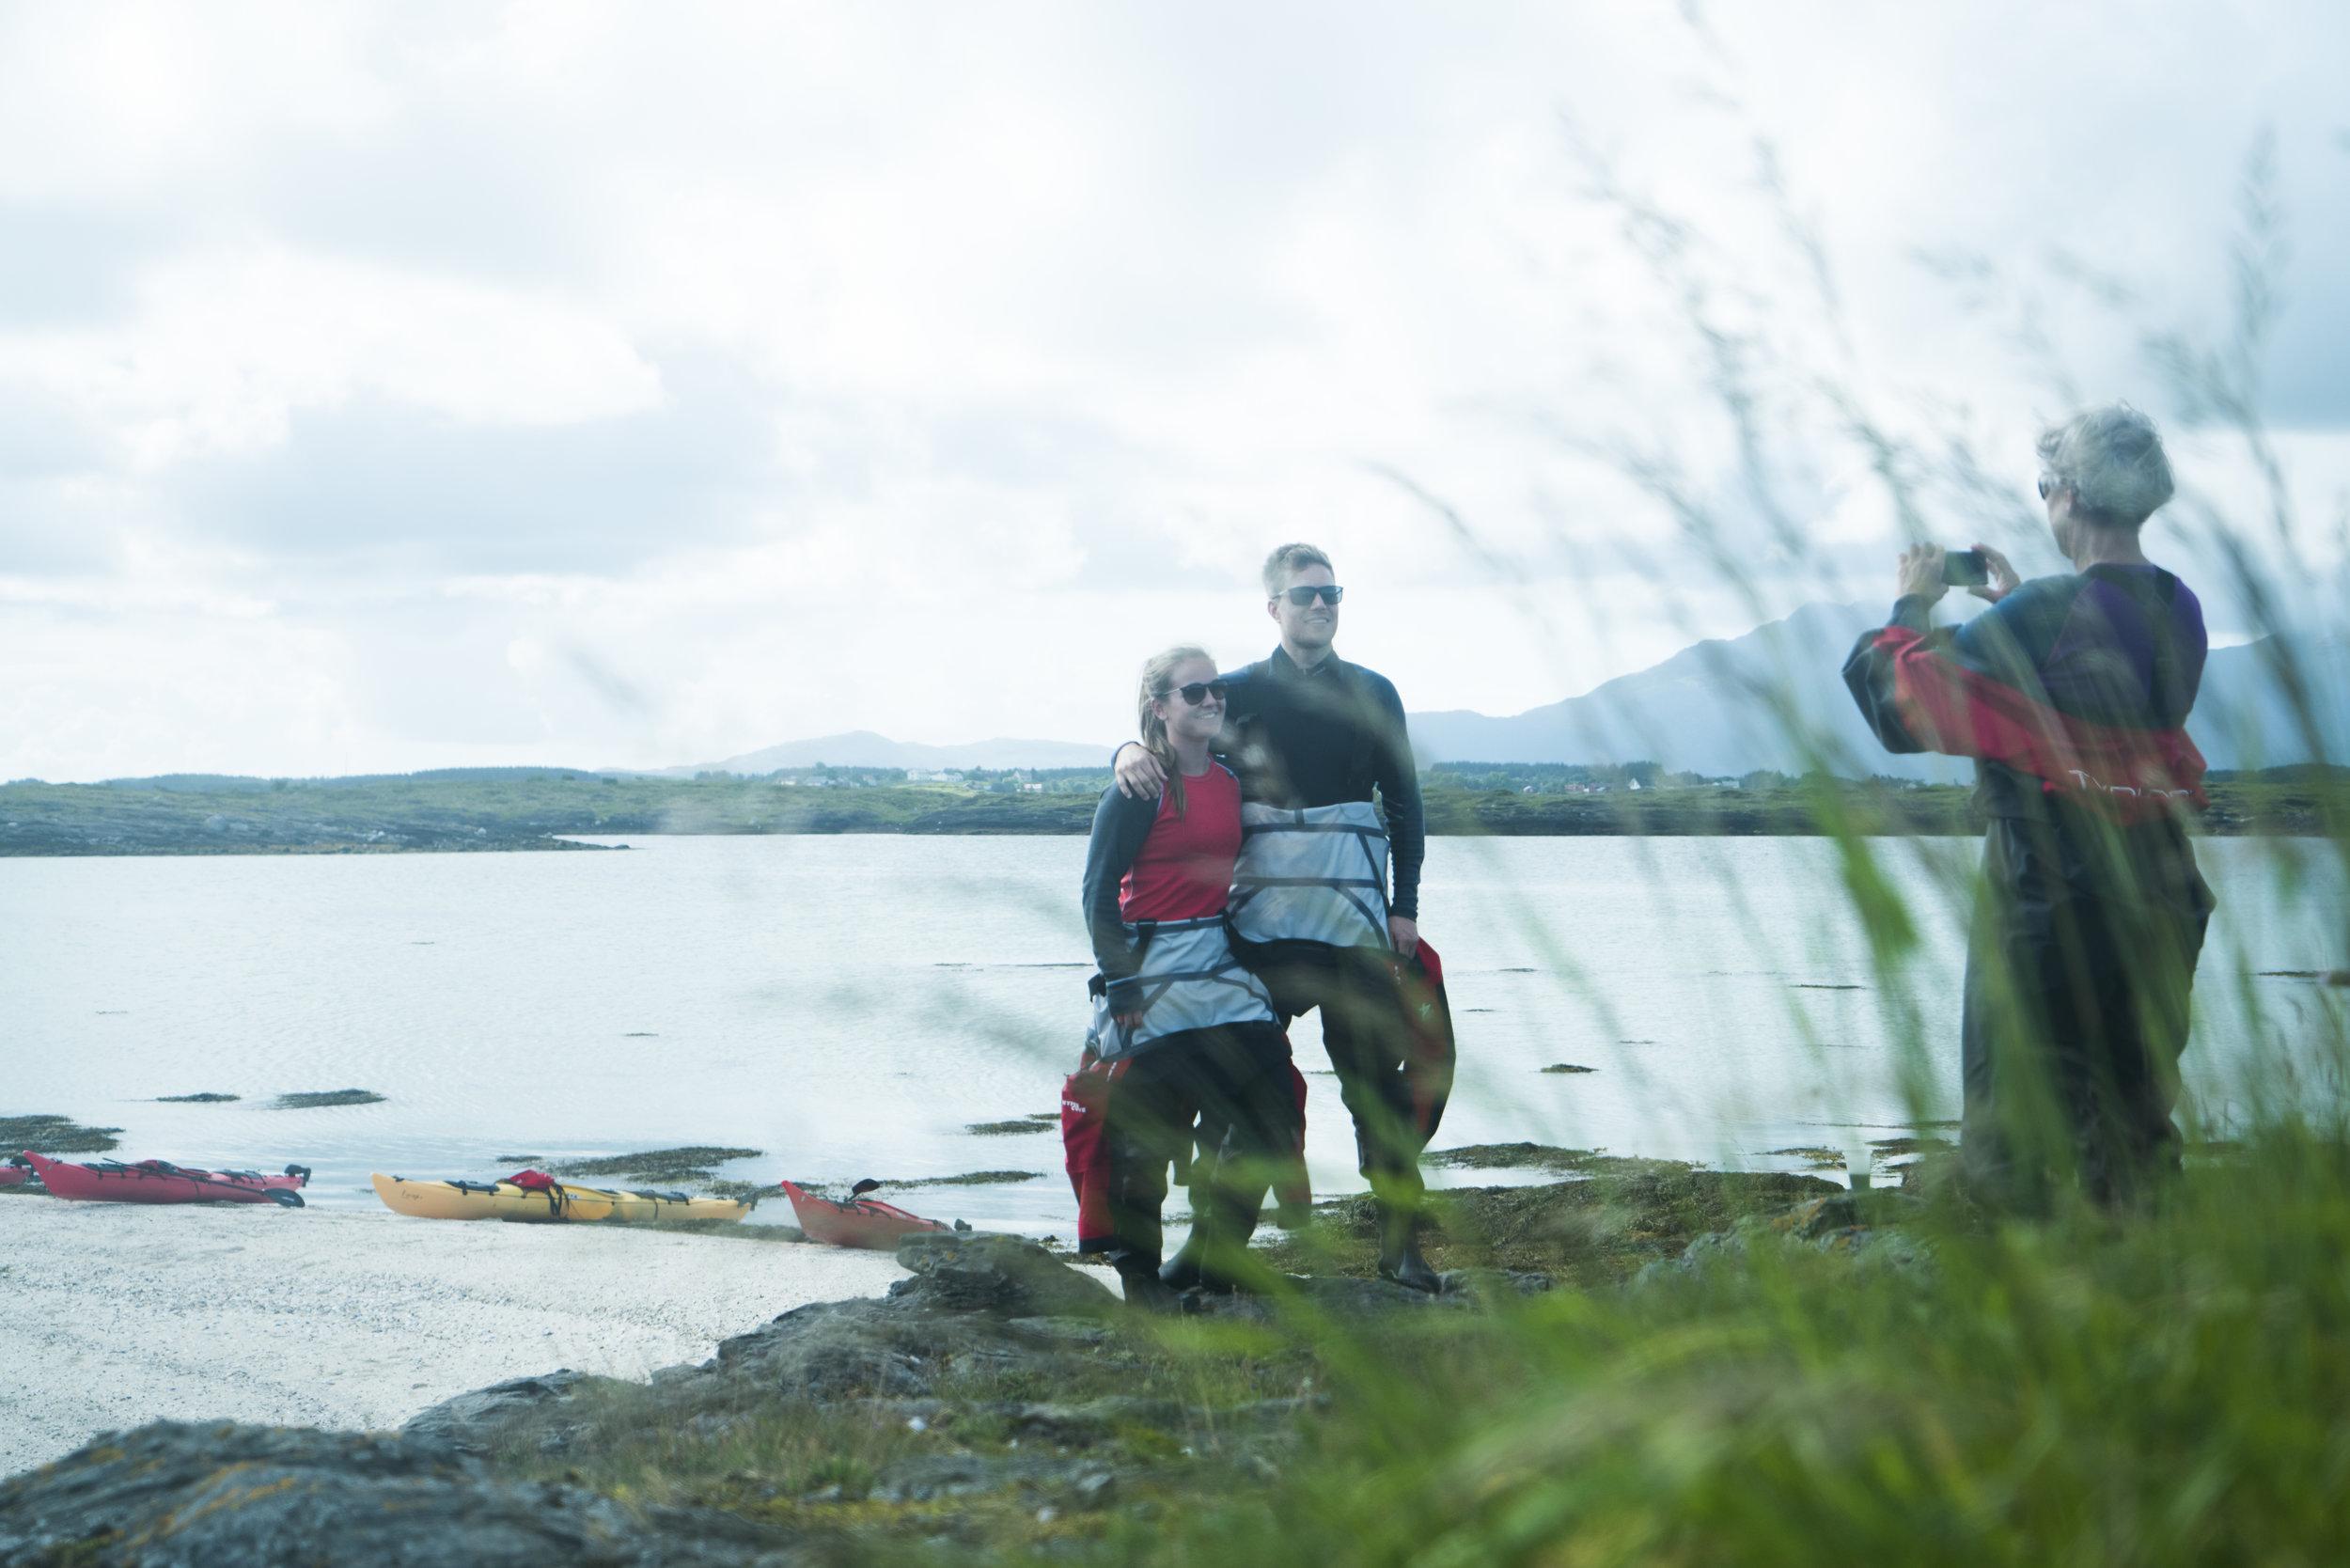 Foto: Anton Ligaarden/Visit Norway